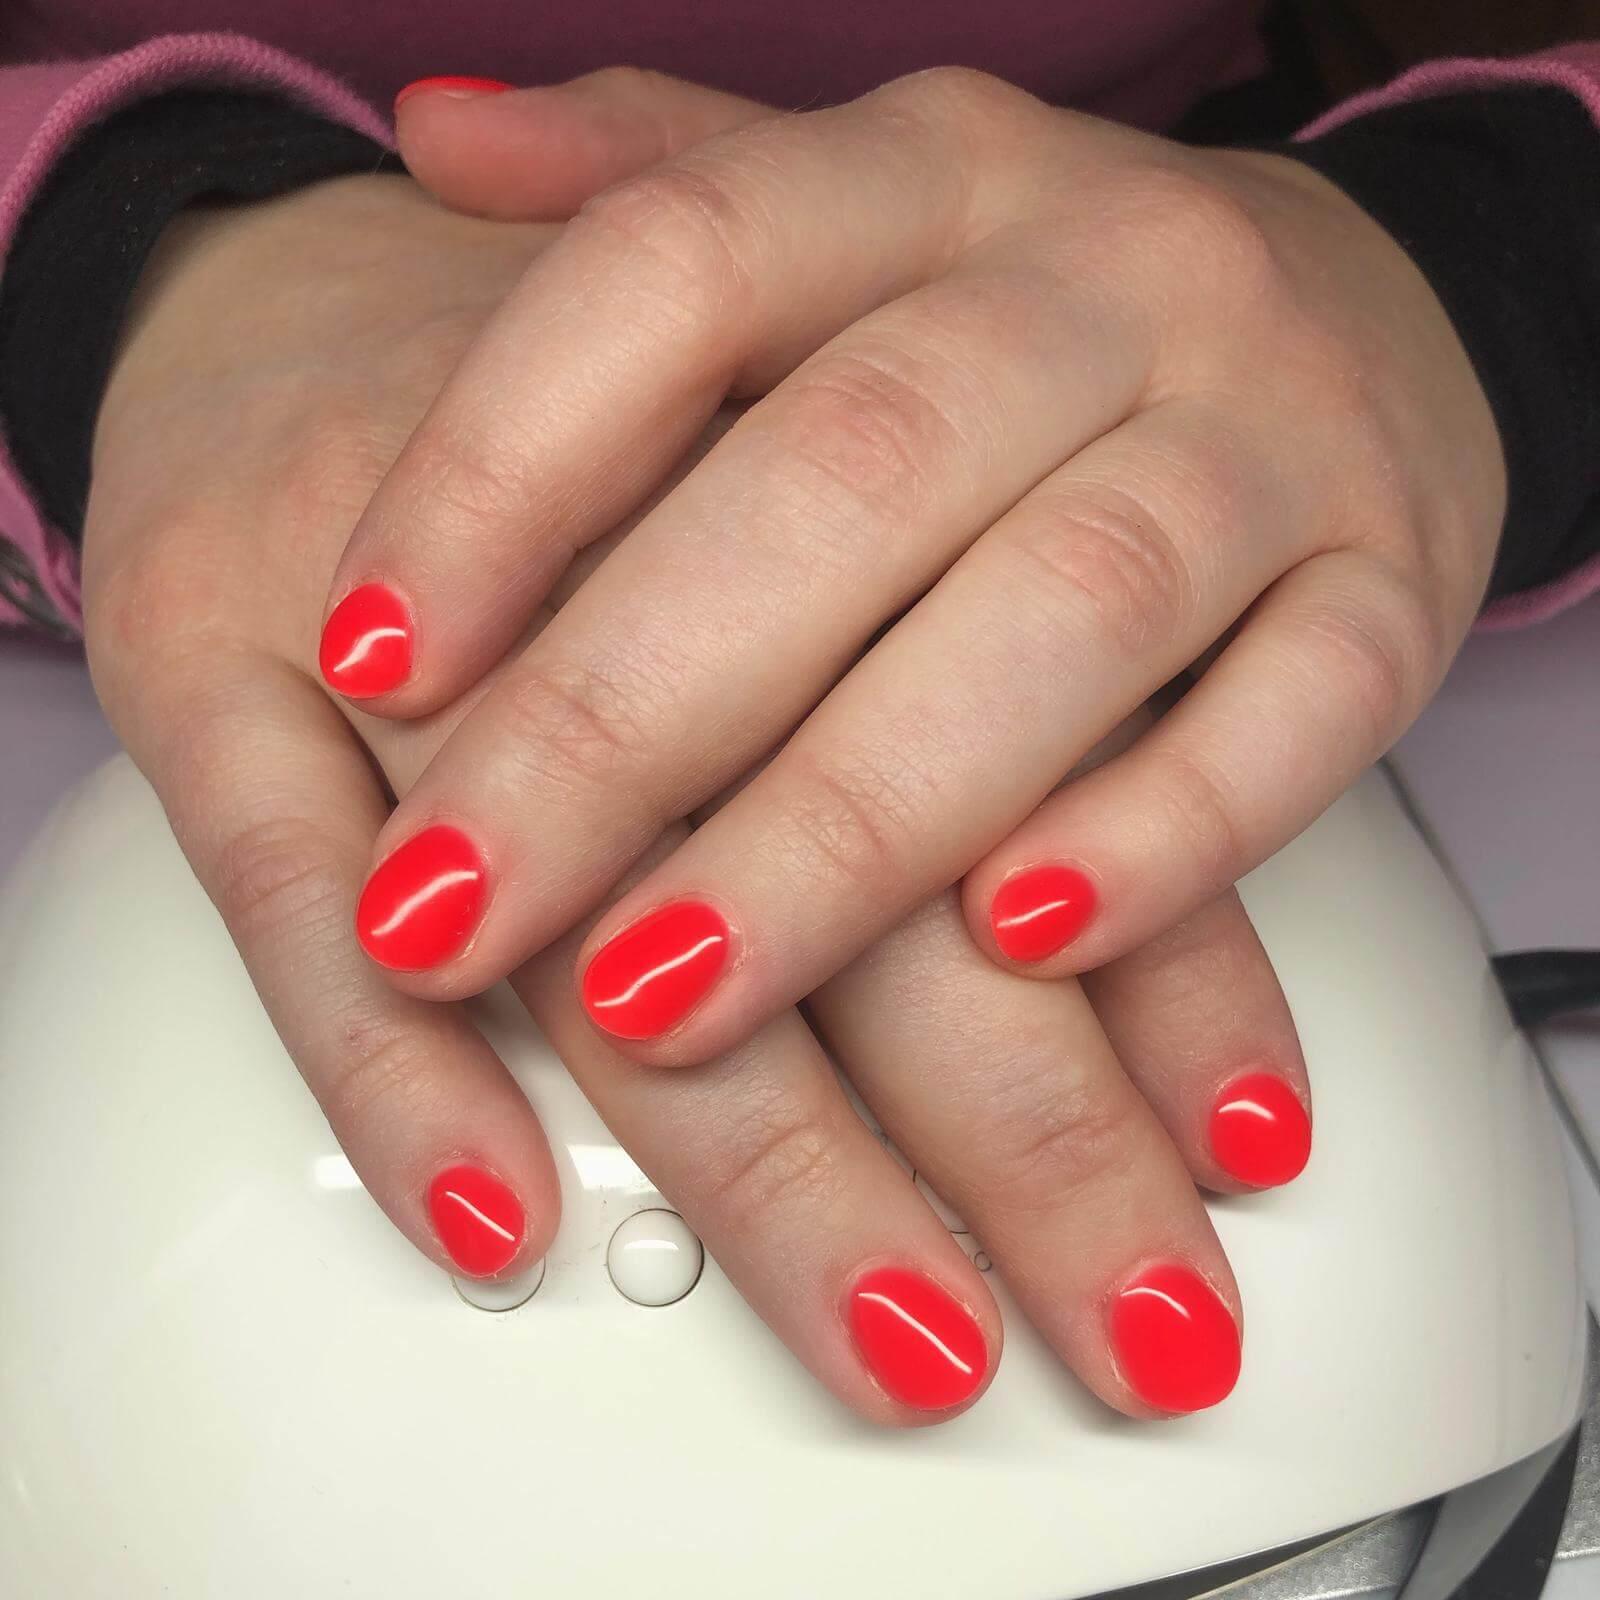 Magnetic nagelriemolie | Voor een goede verzorging